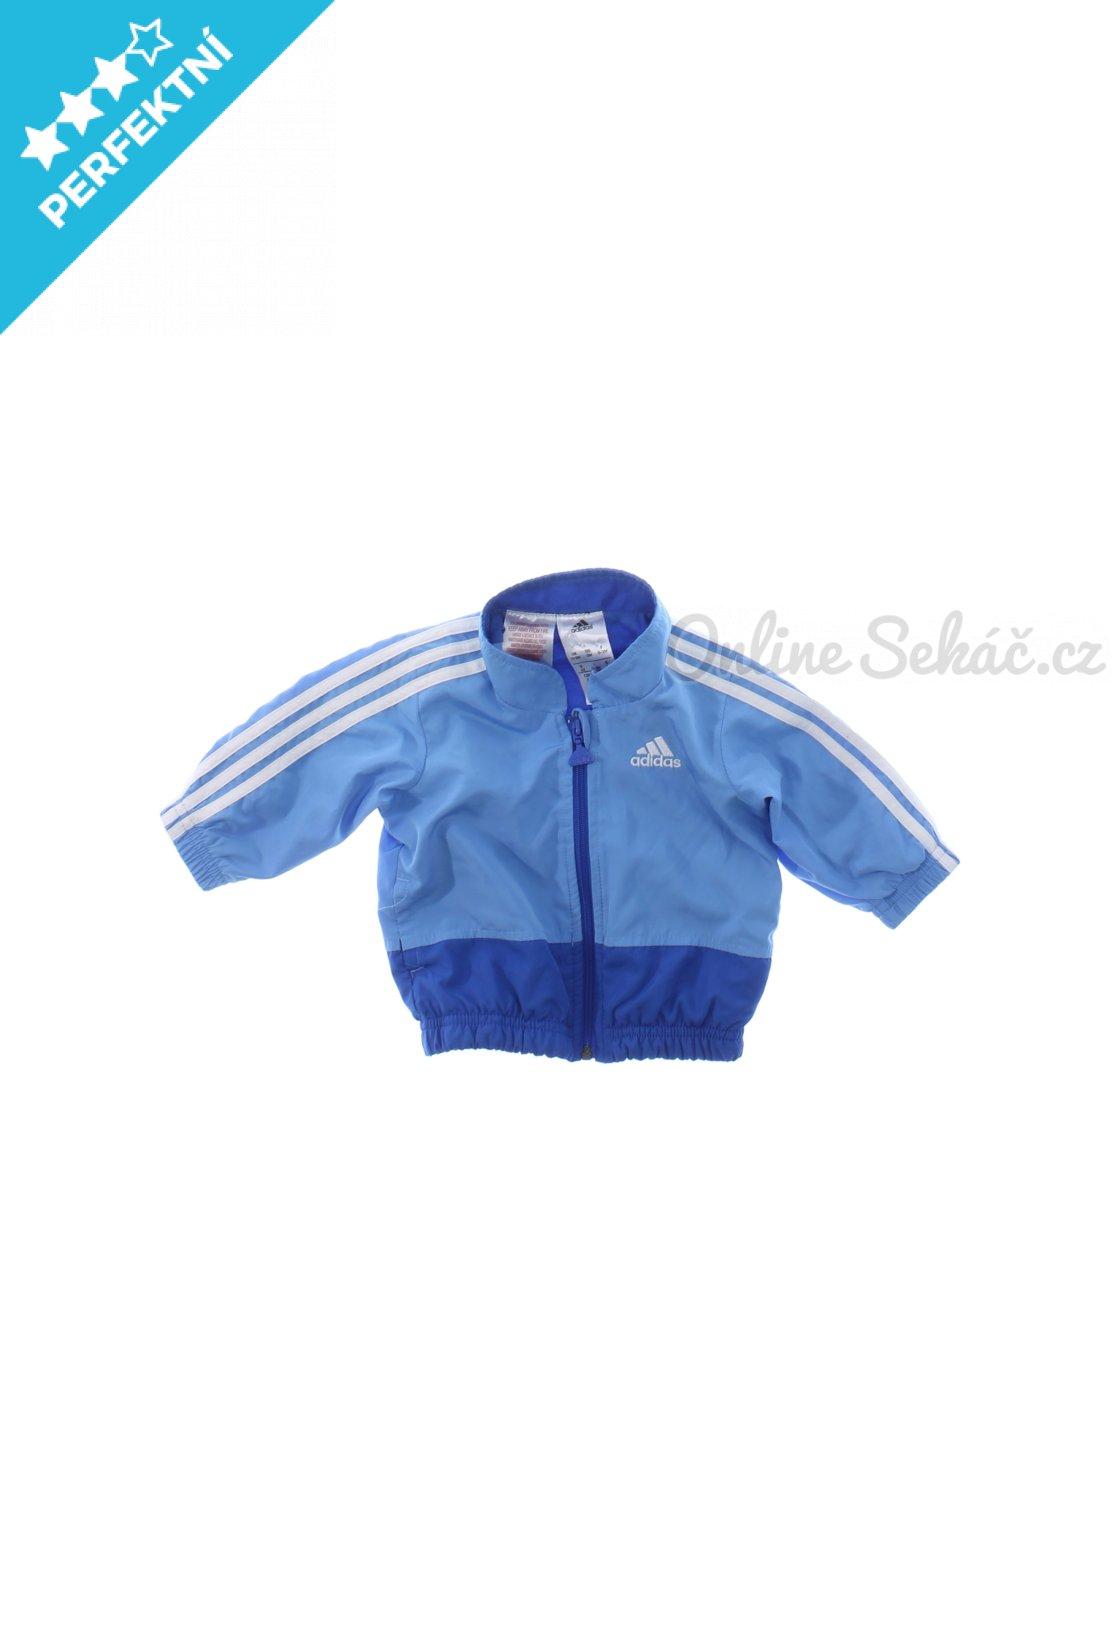 d4257c9772 Kojenecká jarní či podzimní bunda/kabát Adidas 62, modrá #18189153055398